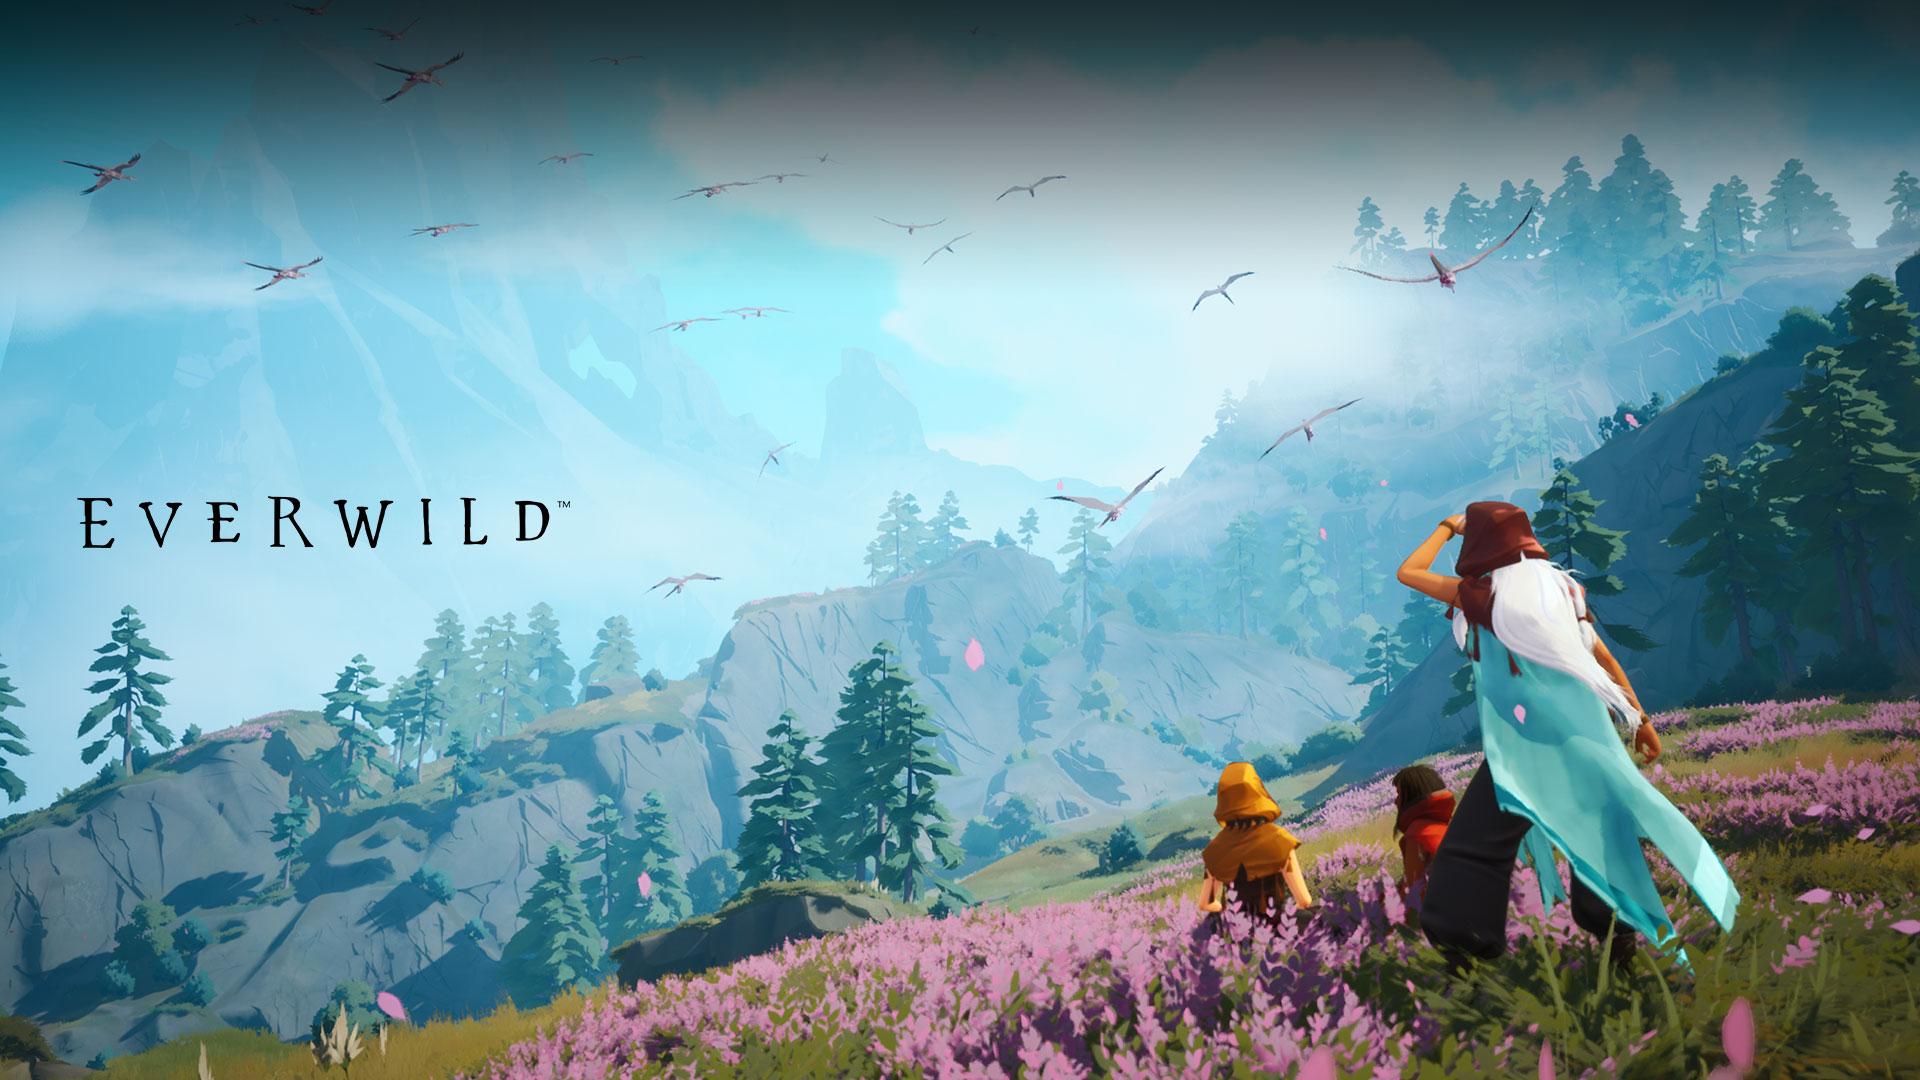 Everwild. Três personagens num campo com montanhas, pássaros e árvores.